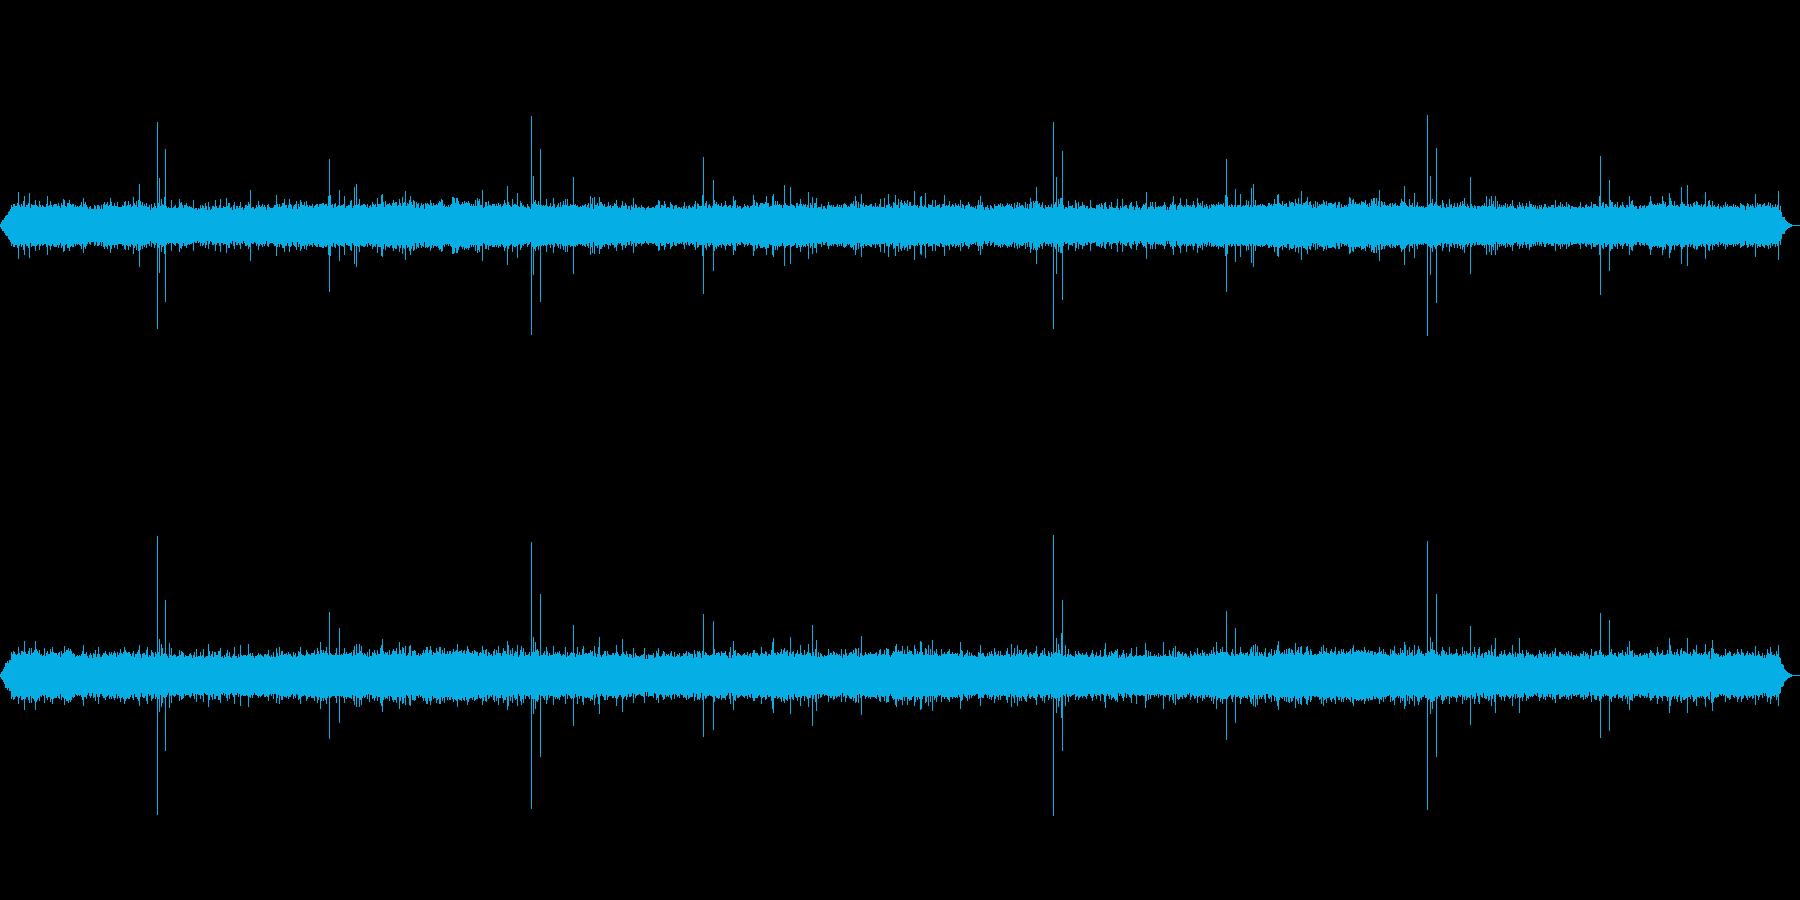 雨の音(少し強め)(ザー、ピチャピチャ)の再生済みの波形